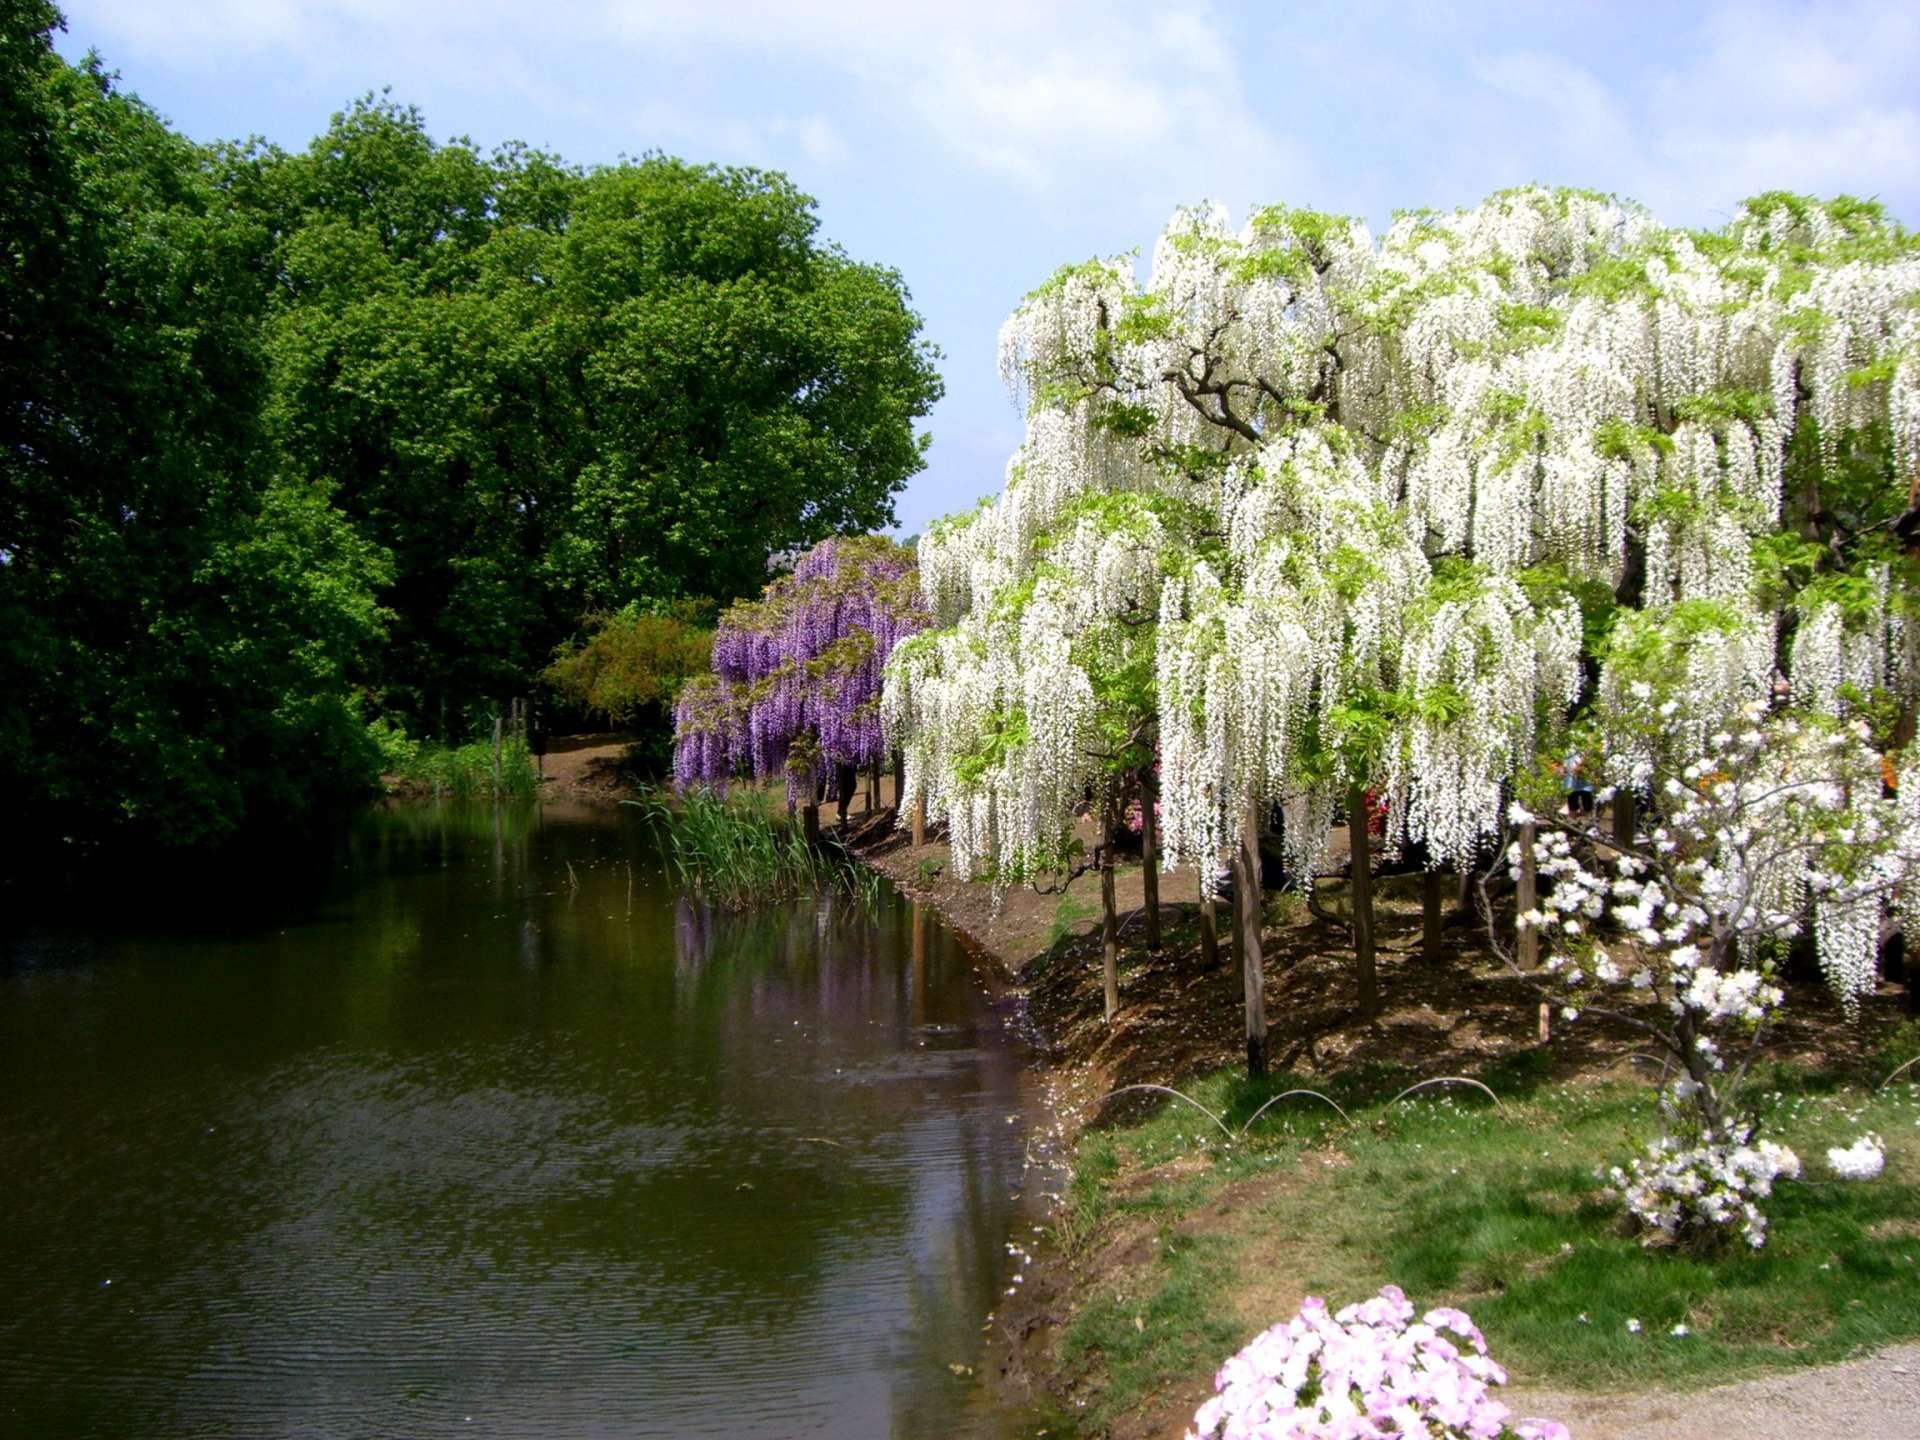 除了紫藤花以外,還可以欣賞杜鵑花,石楠花等許多美麗的花卉